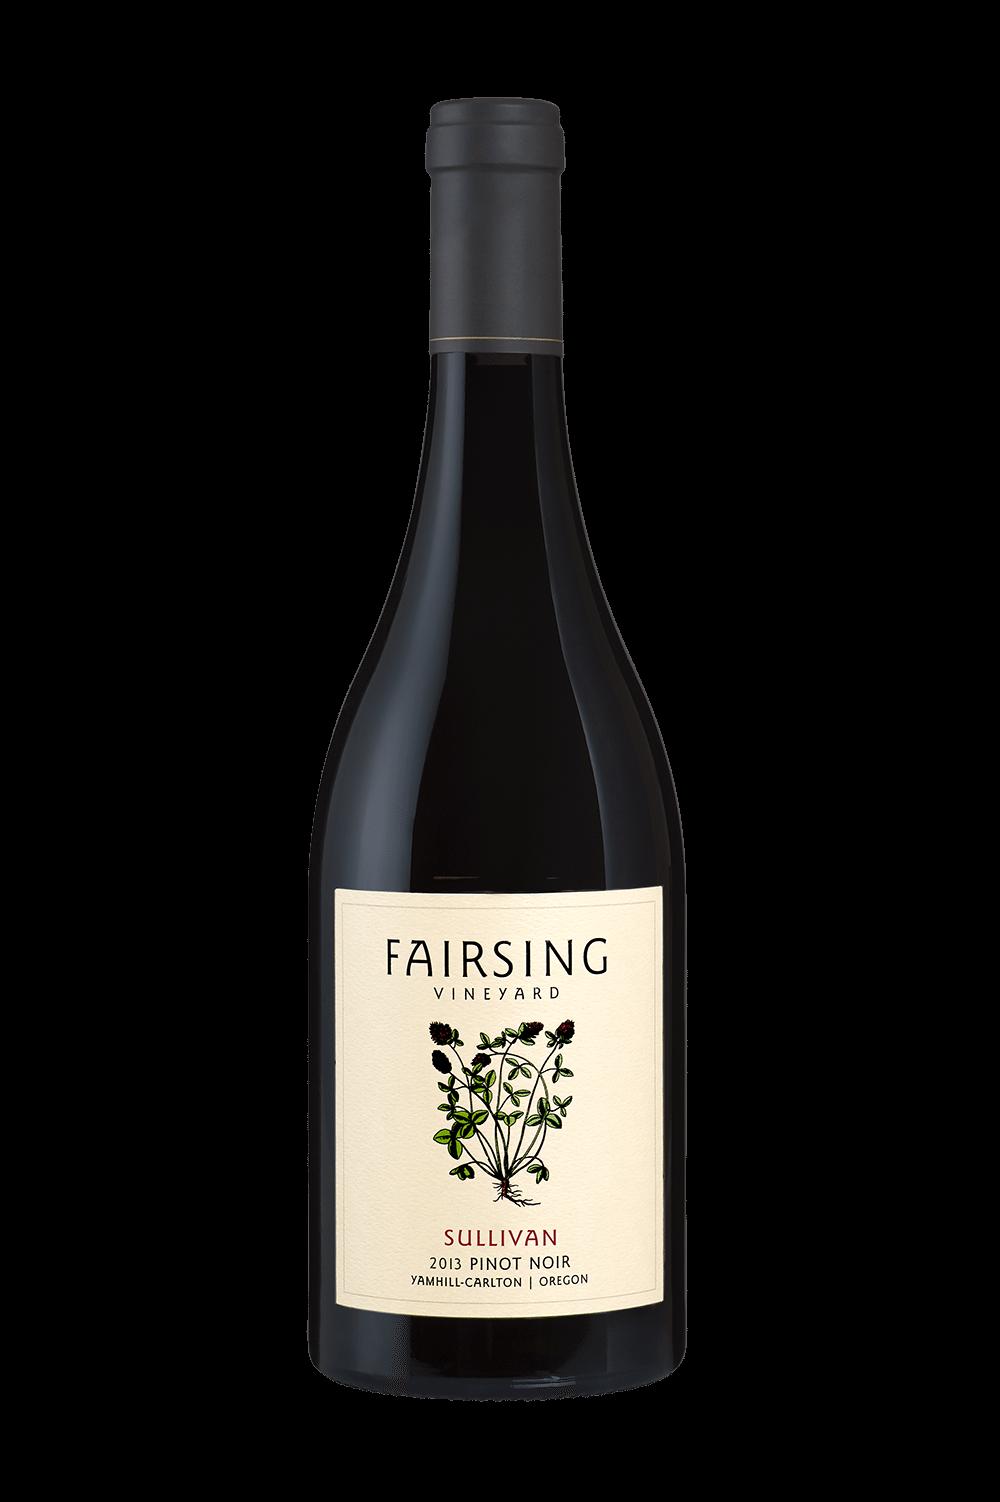 2015 Fairsing Vineyard Pinot noir Sullivan